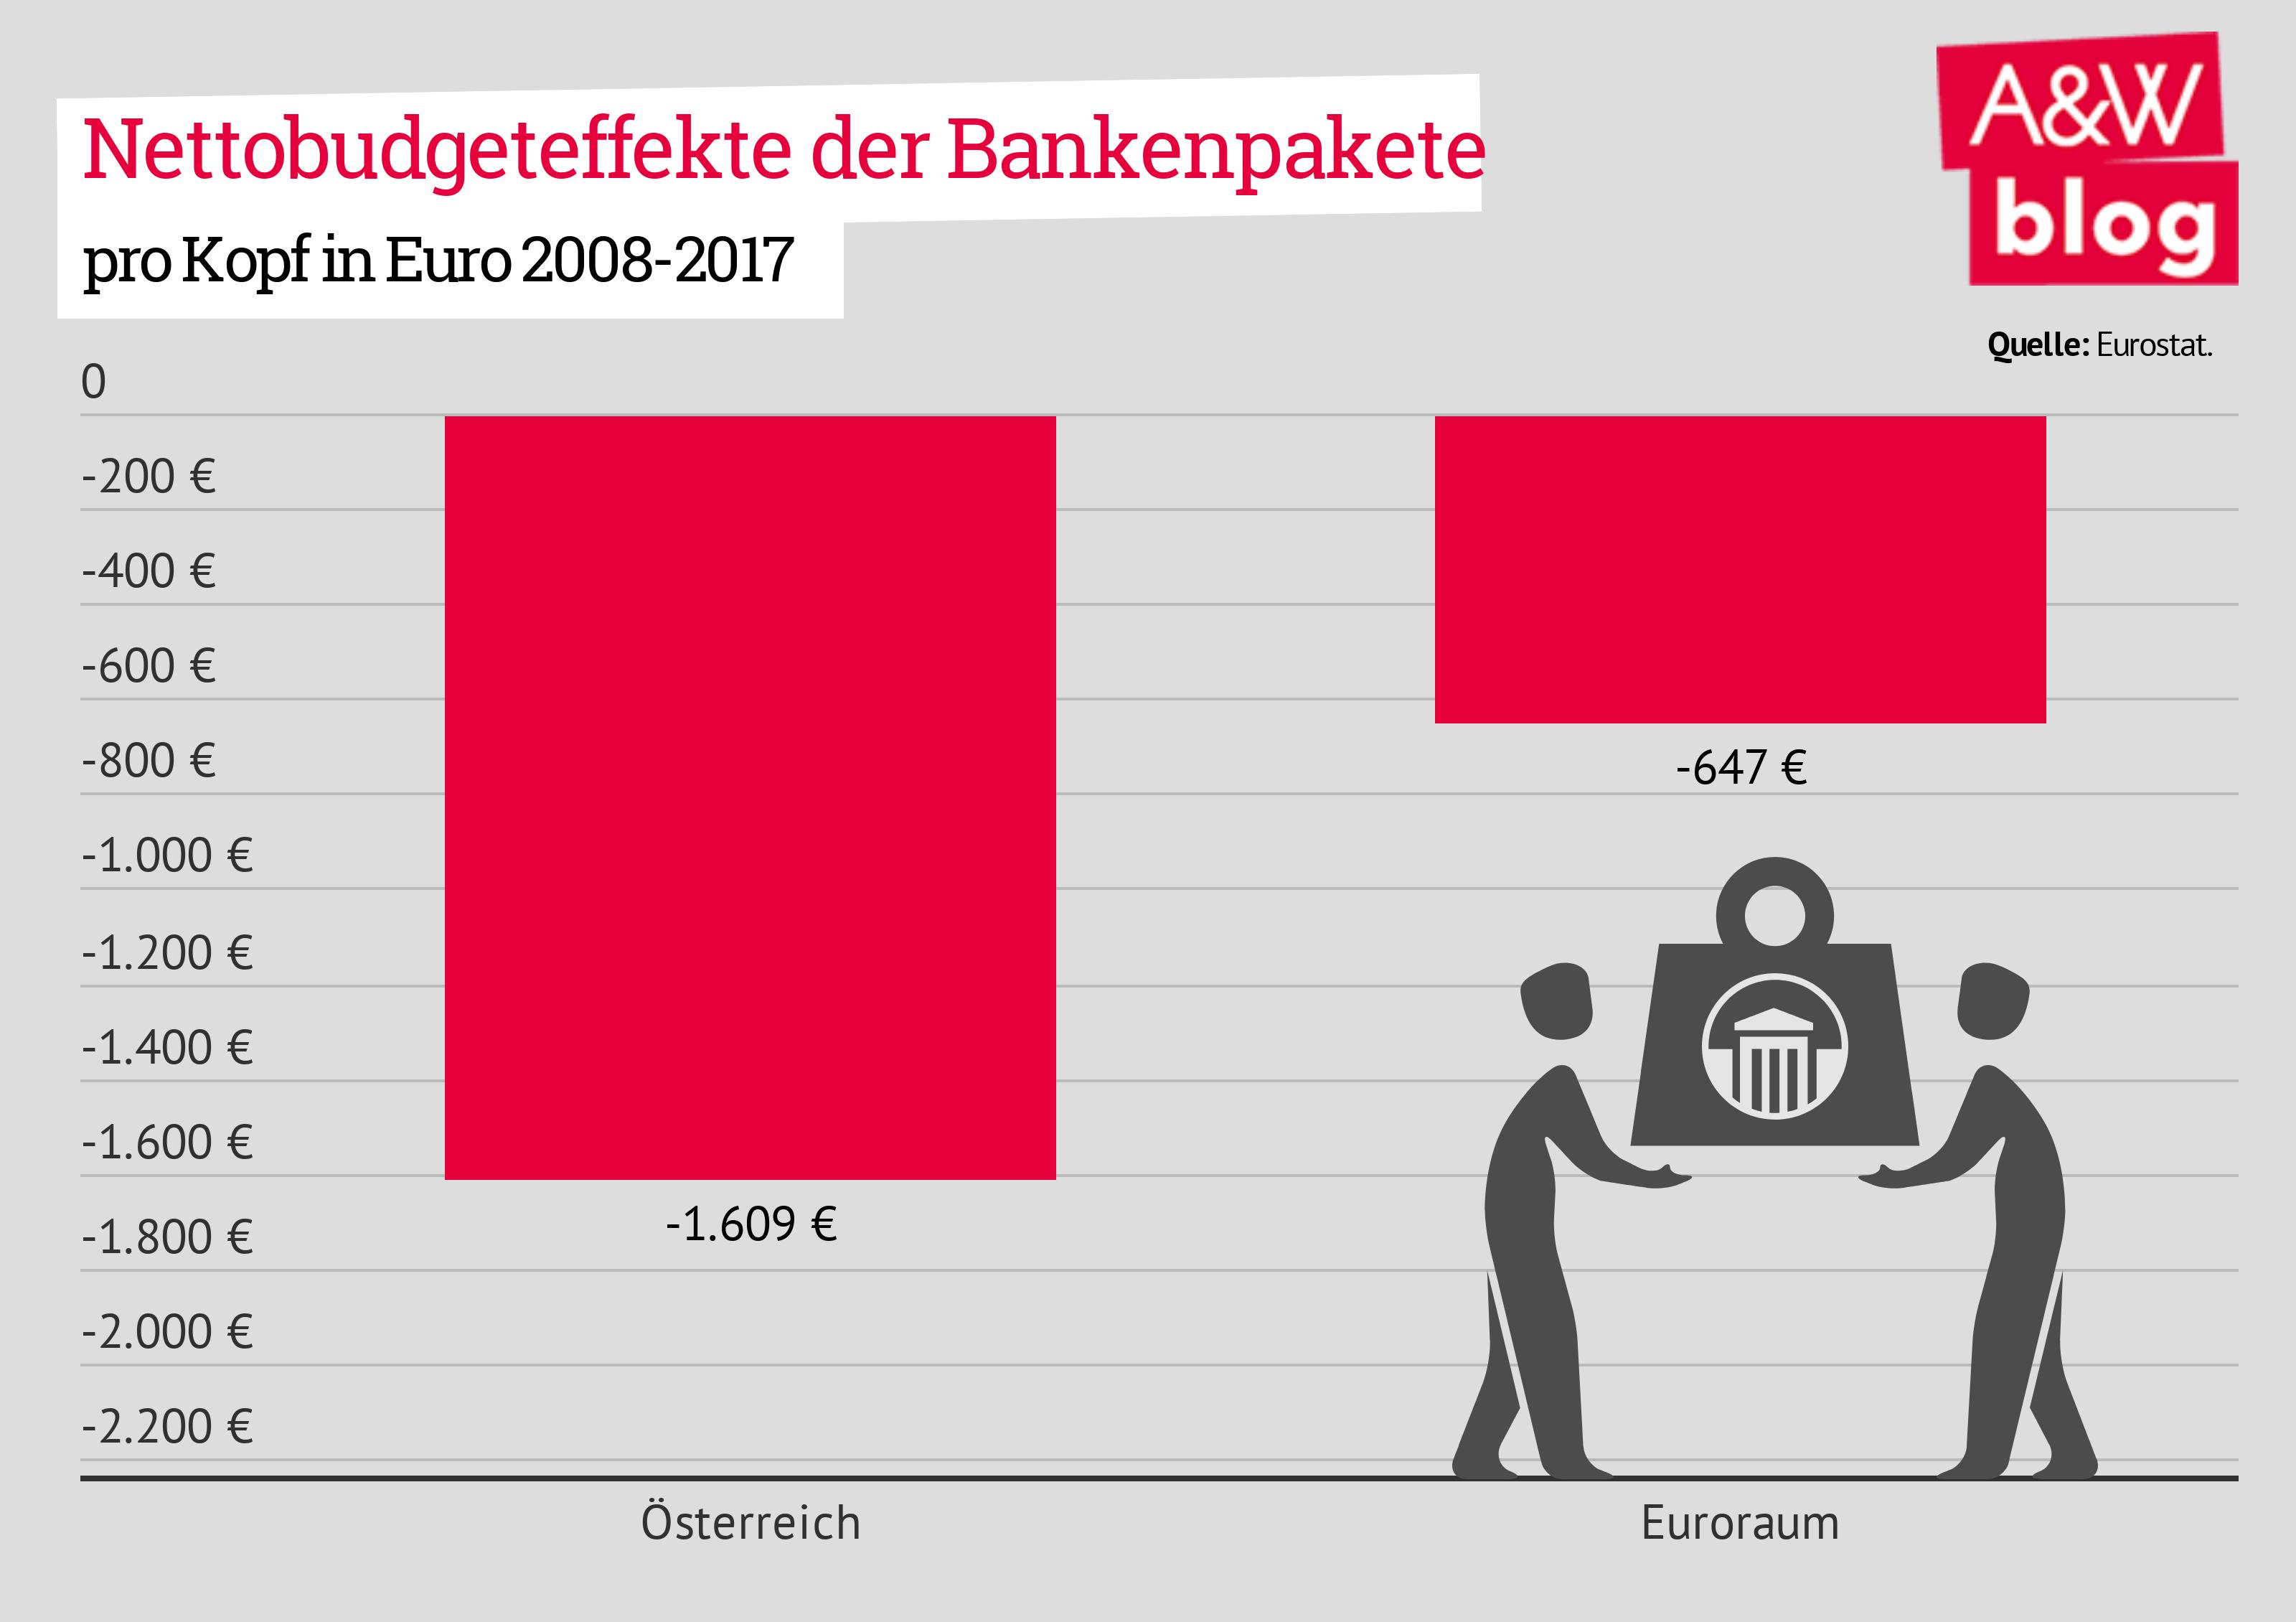 Nettobudgeteffekte der Bankenpakete